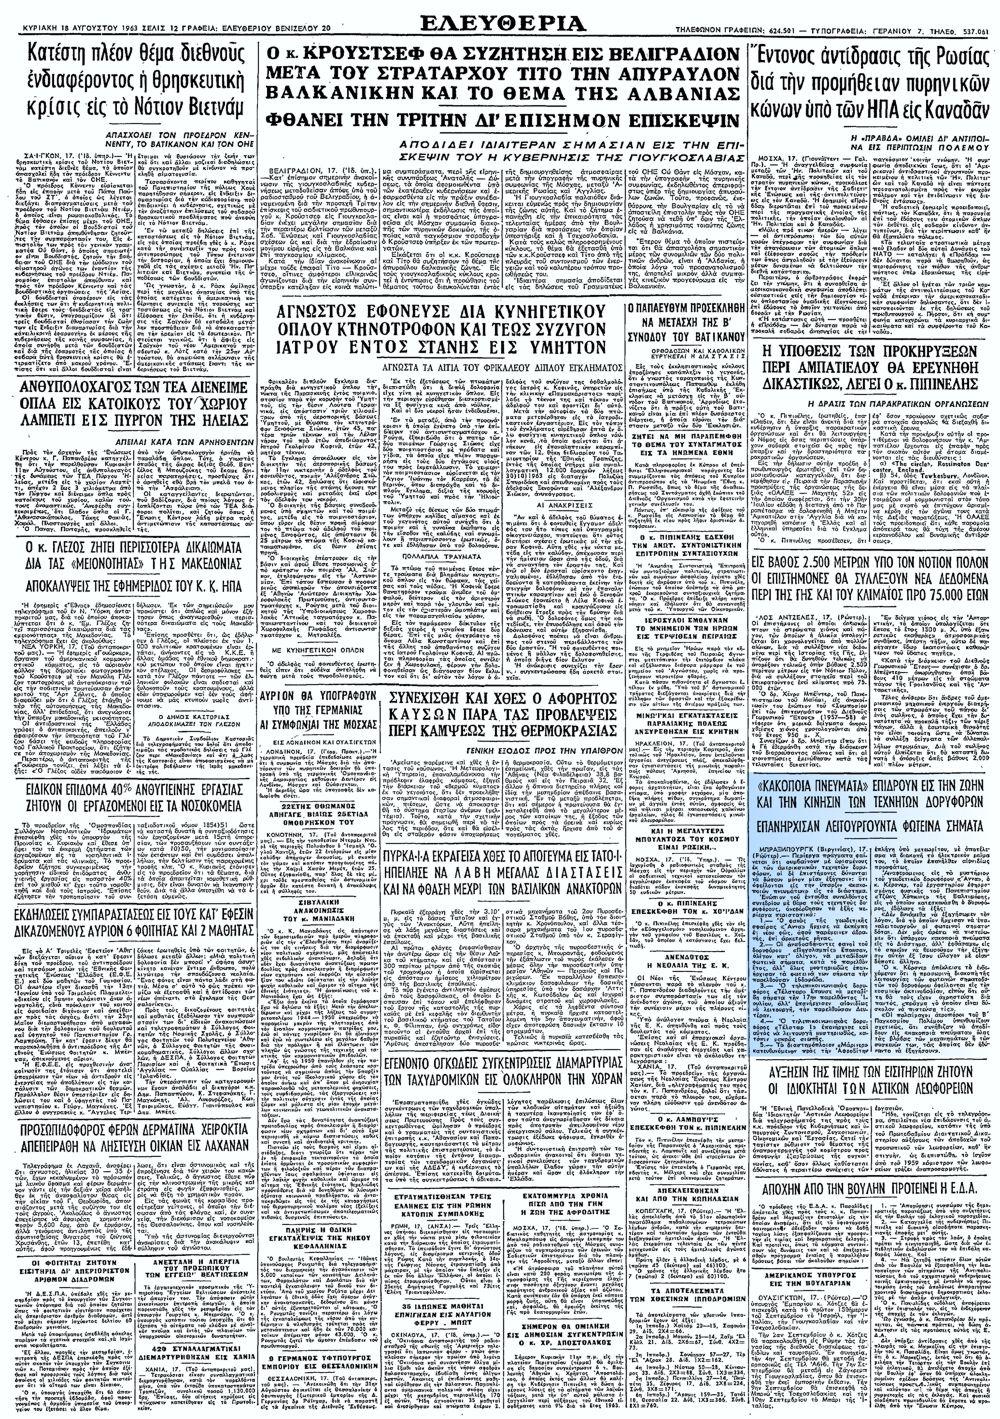 """Το άρθρο, όπως δημοσιεύθηκε στην εφημερίδα """"ΕΛΕΥΘΕΡΙΑ"""", στις 18/08/1963"""